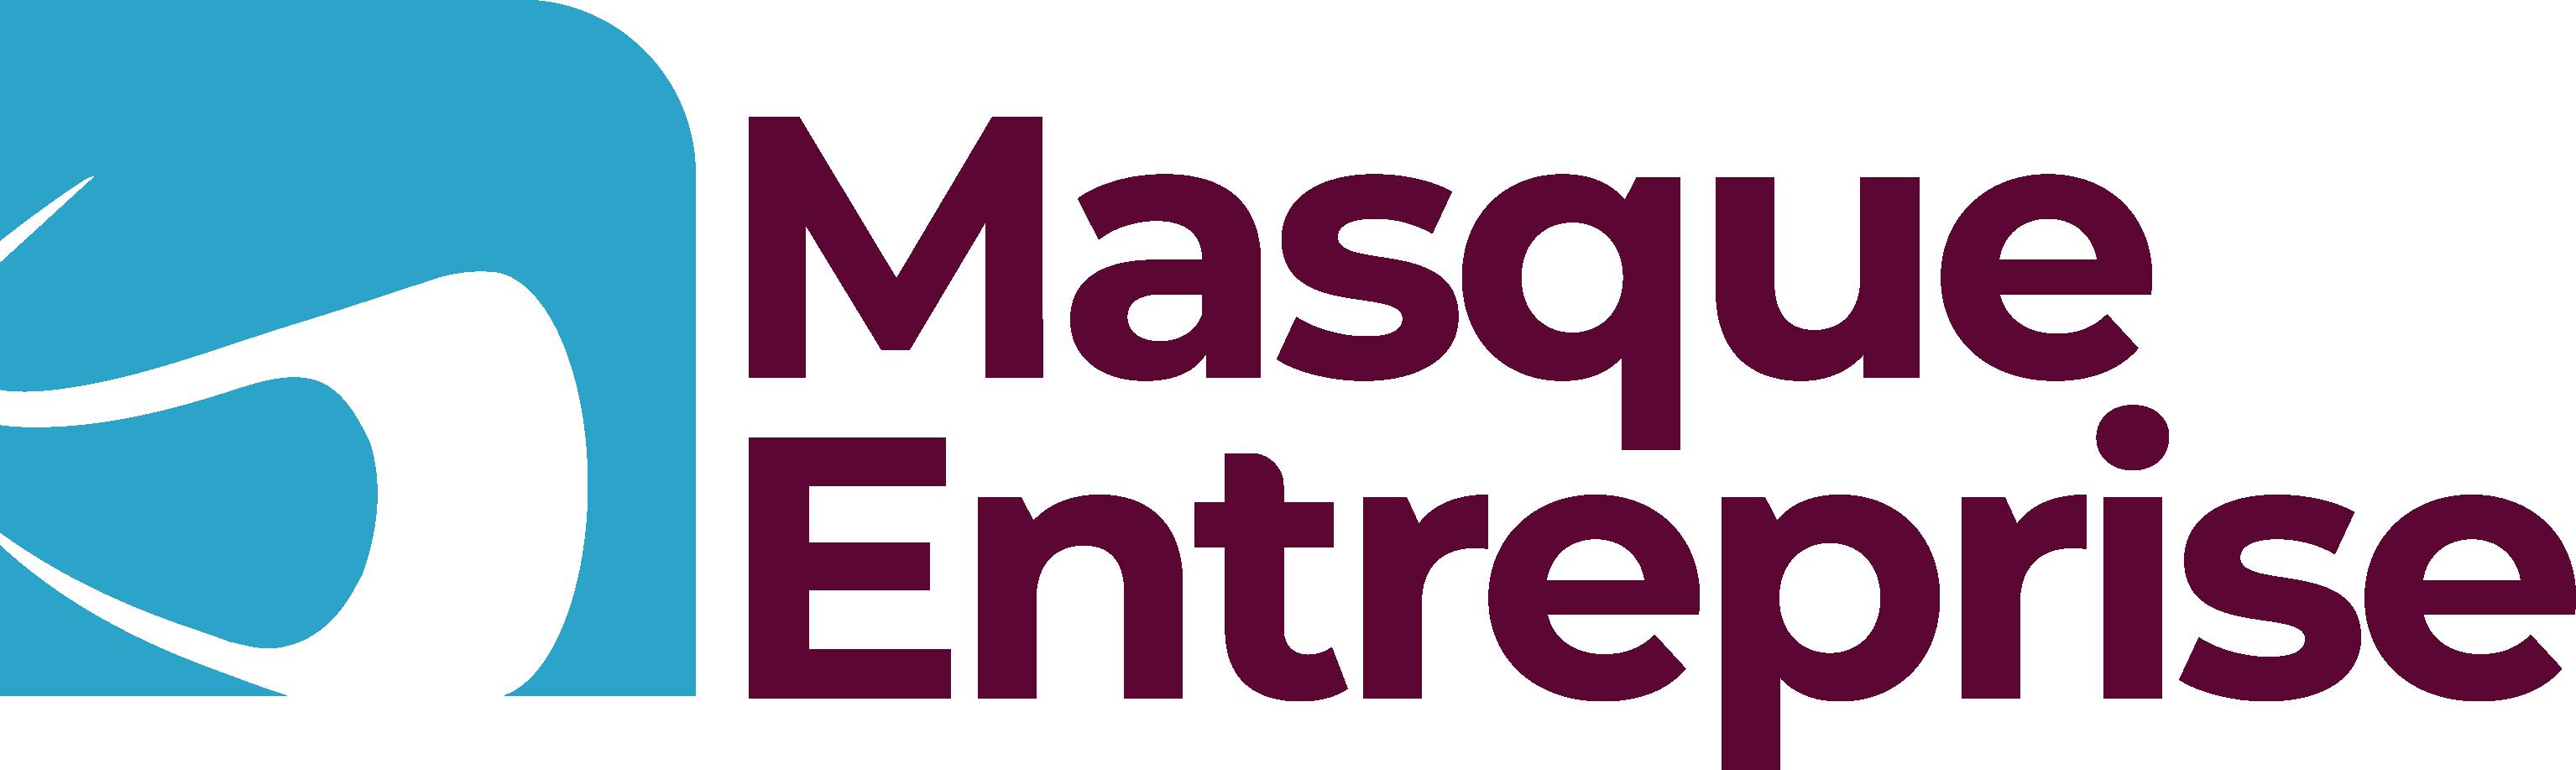 Masque Entreprise - Masques Personnalisés pour entreprises